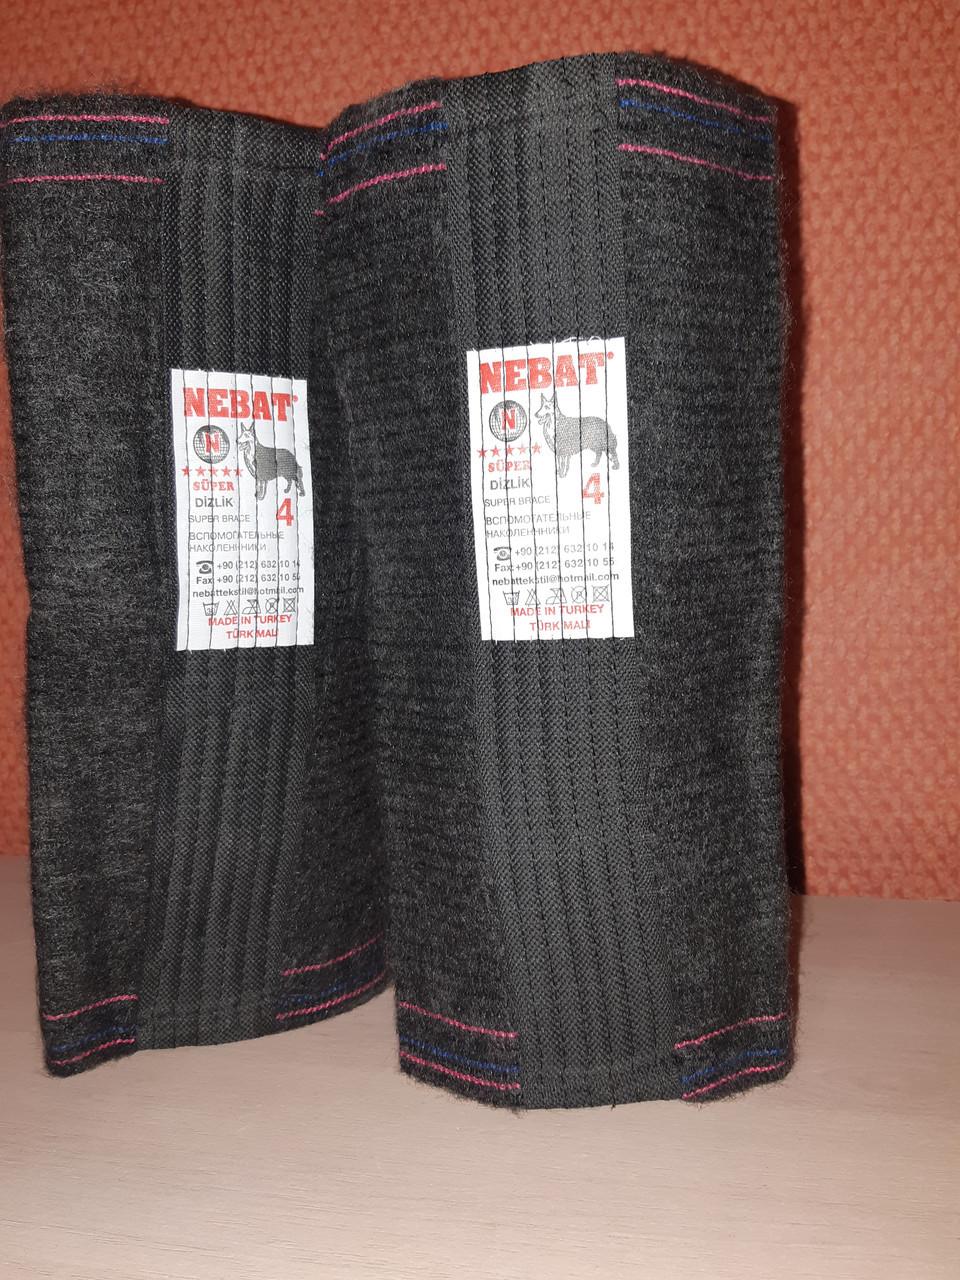 ТОЛСТЫЕ Согревающие наколенники из собачей шерсти NEBAT. Оригинальние наколенники из Турции